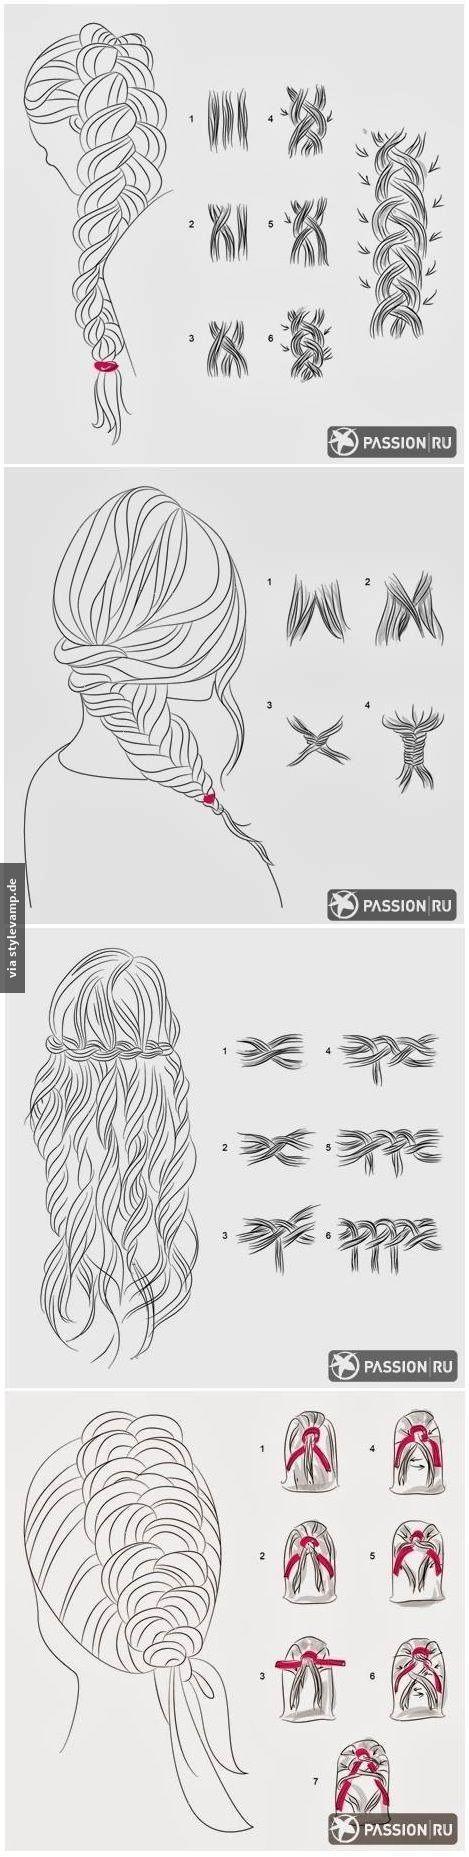 Frisuren zum Nachstylen: